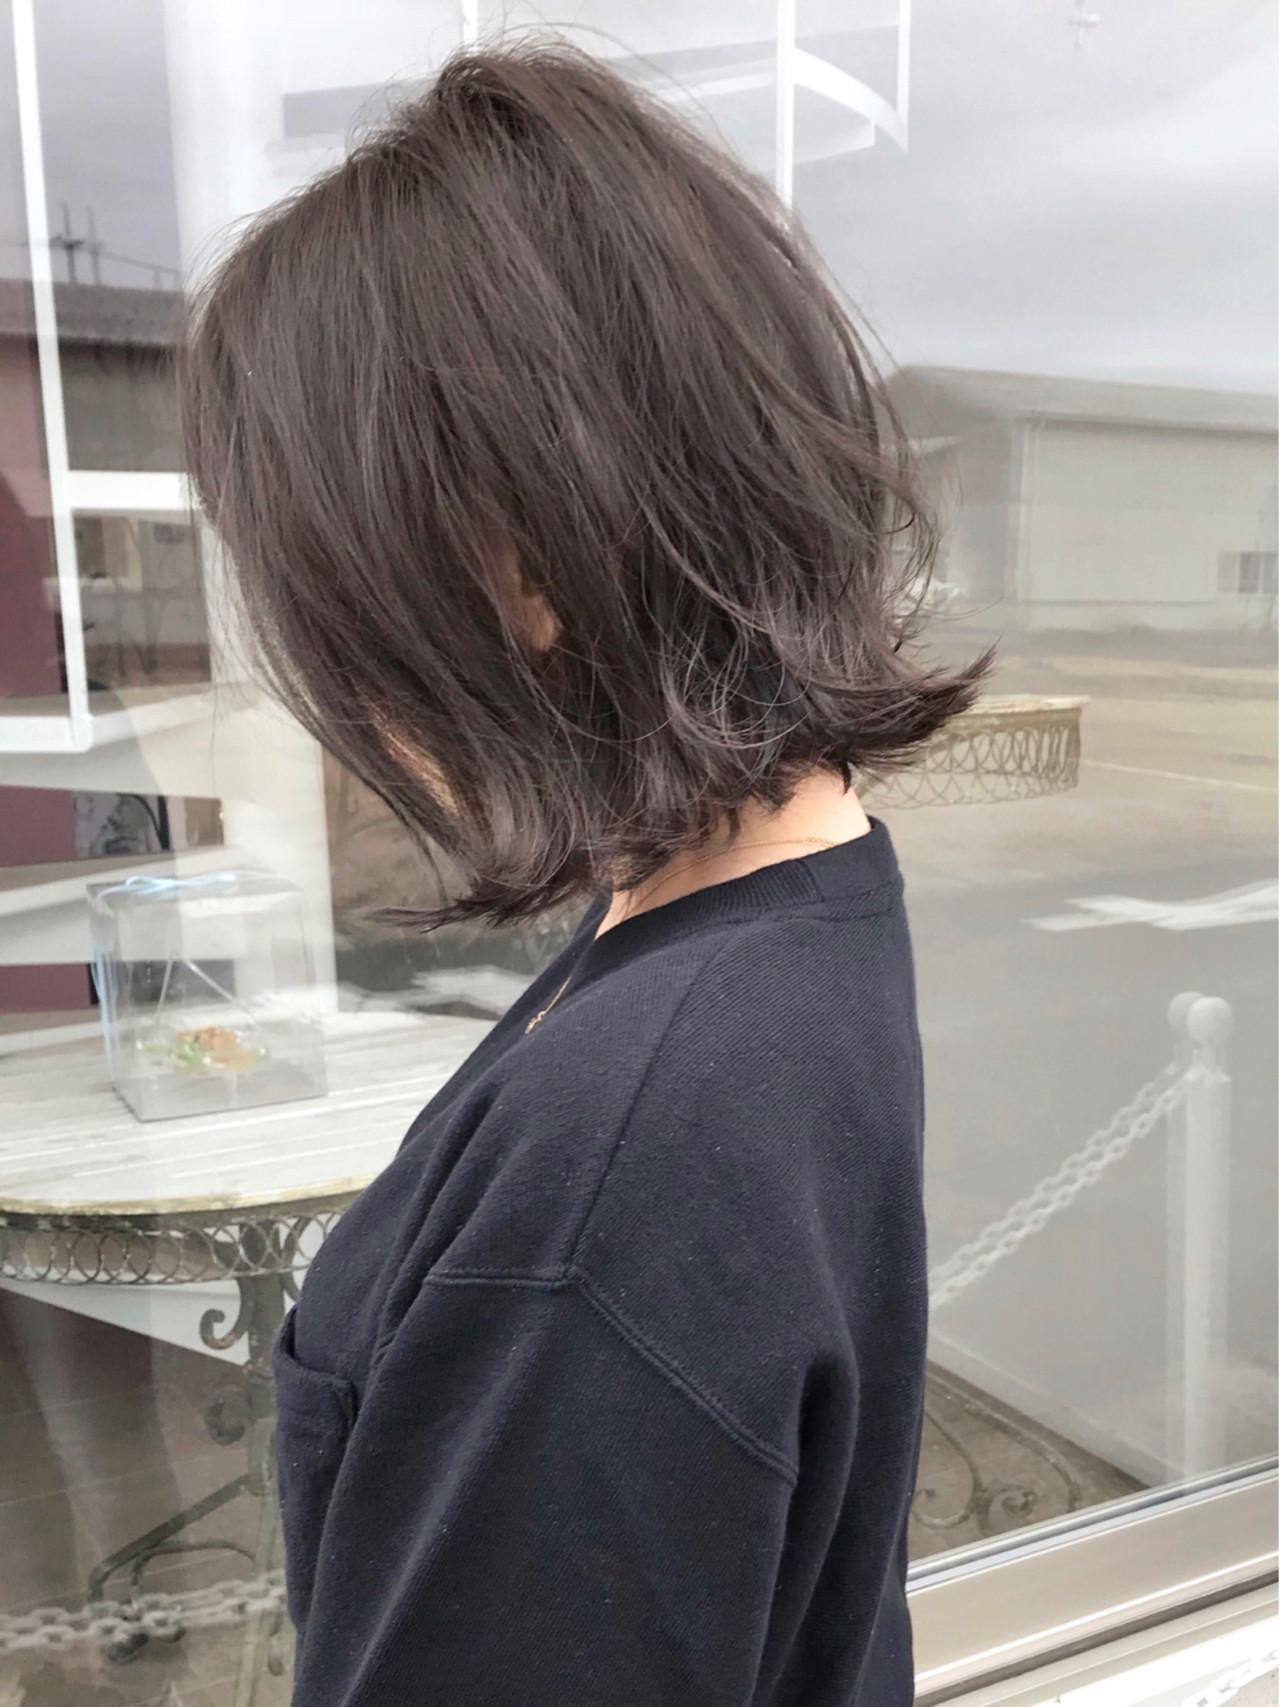 アウトドア ショート ストリート ヘアスタイルや髪型の写真・画像